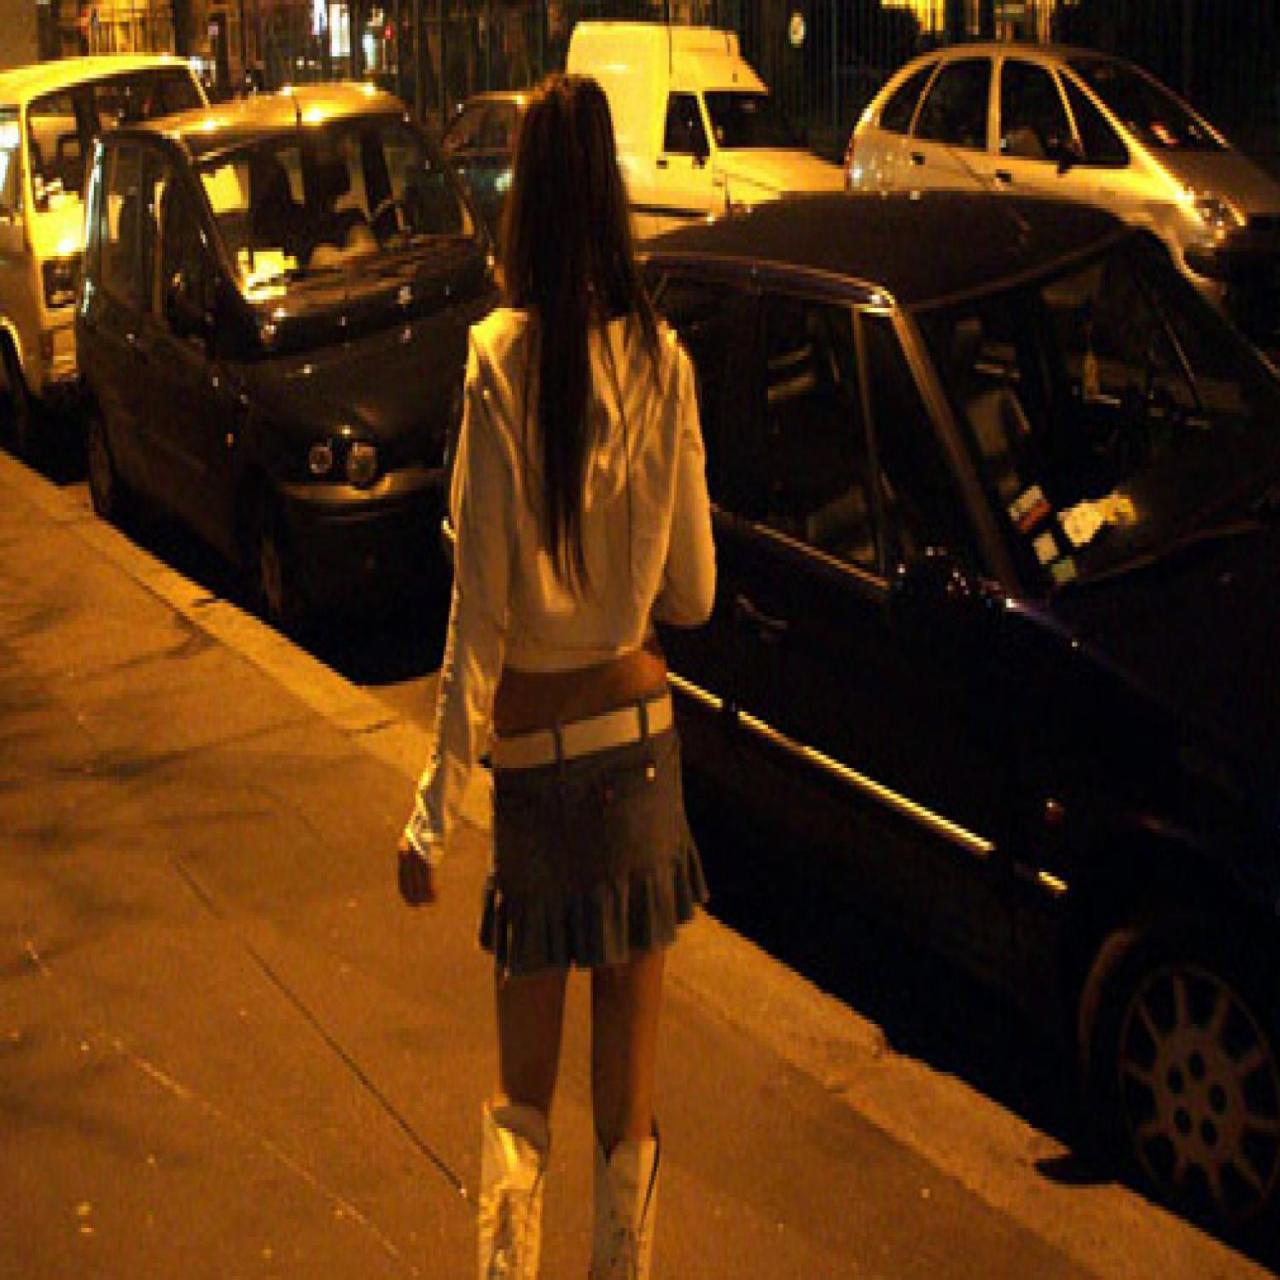 صورة اعترافات فتاة ليل , اهم الاعترافات فى النيابه لفتاه ليل